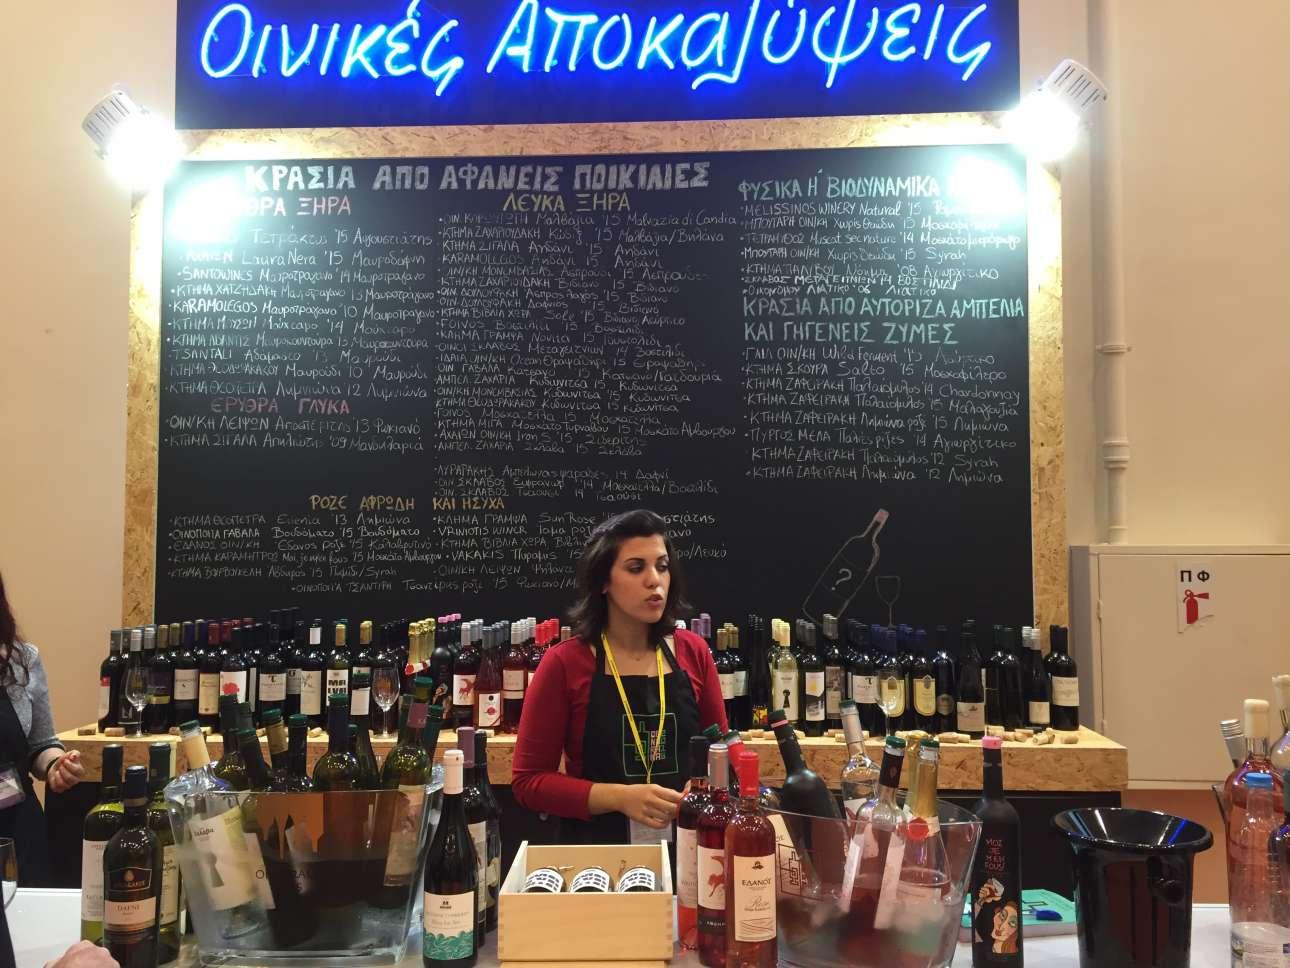 Oinikes_Apokalypseis_winebar_60_krasia